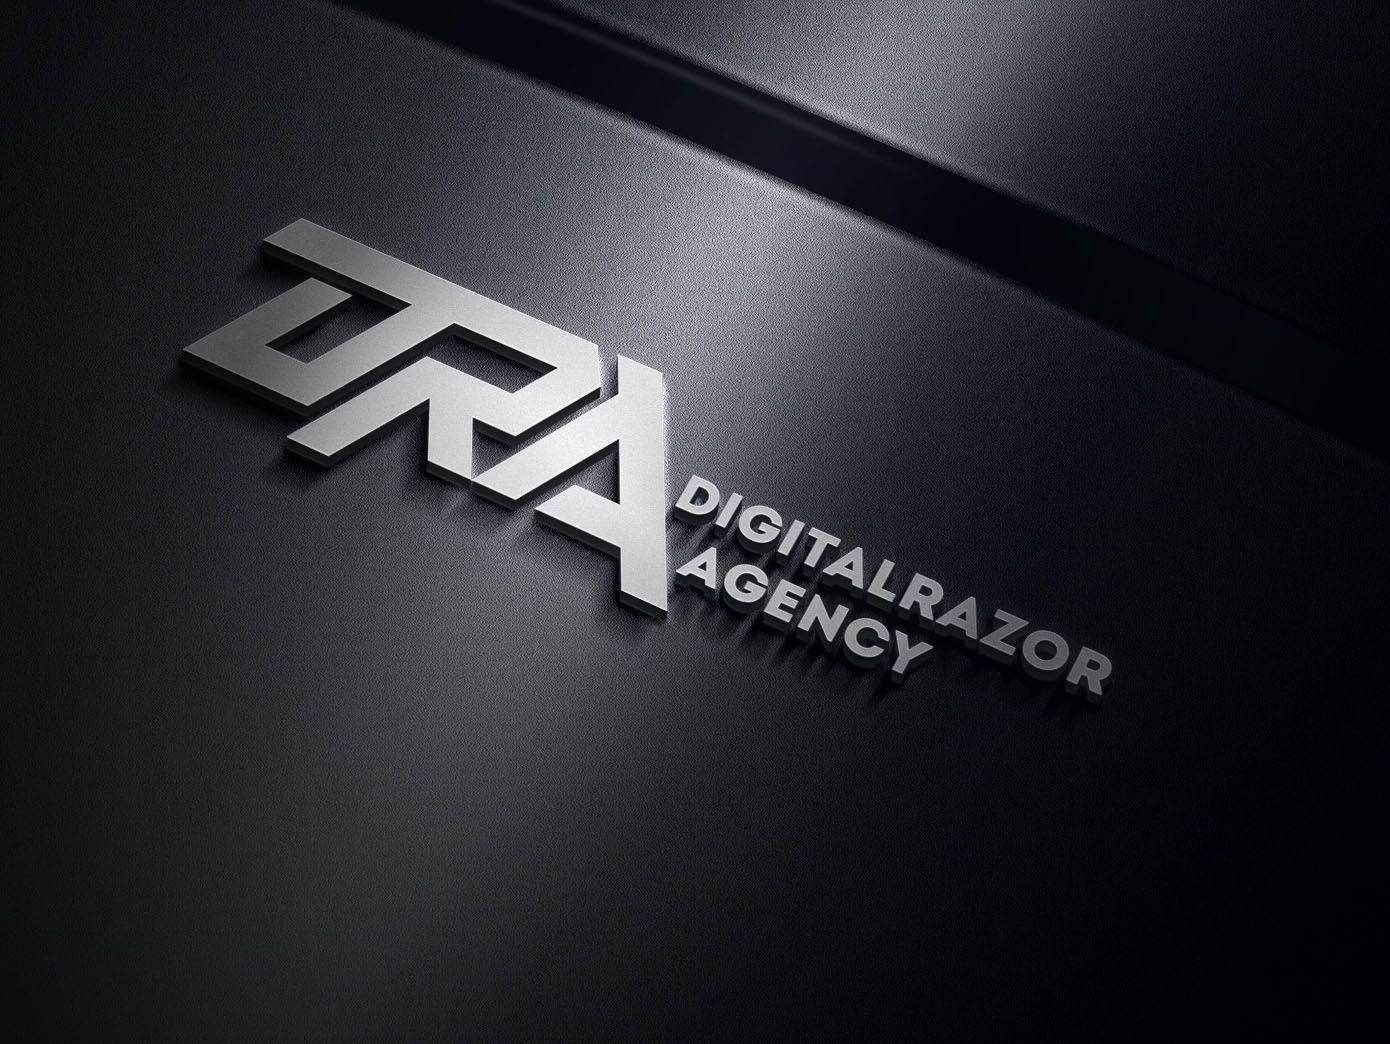 Фирменный стиль для студии HI-END компьютеров - дизайнер RoxyDesign